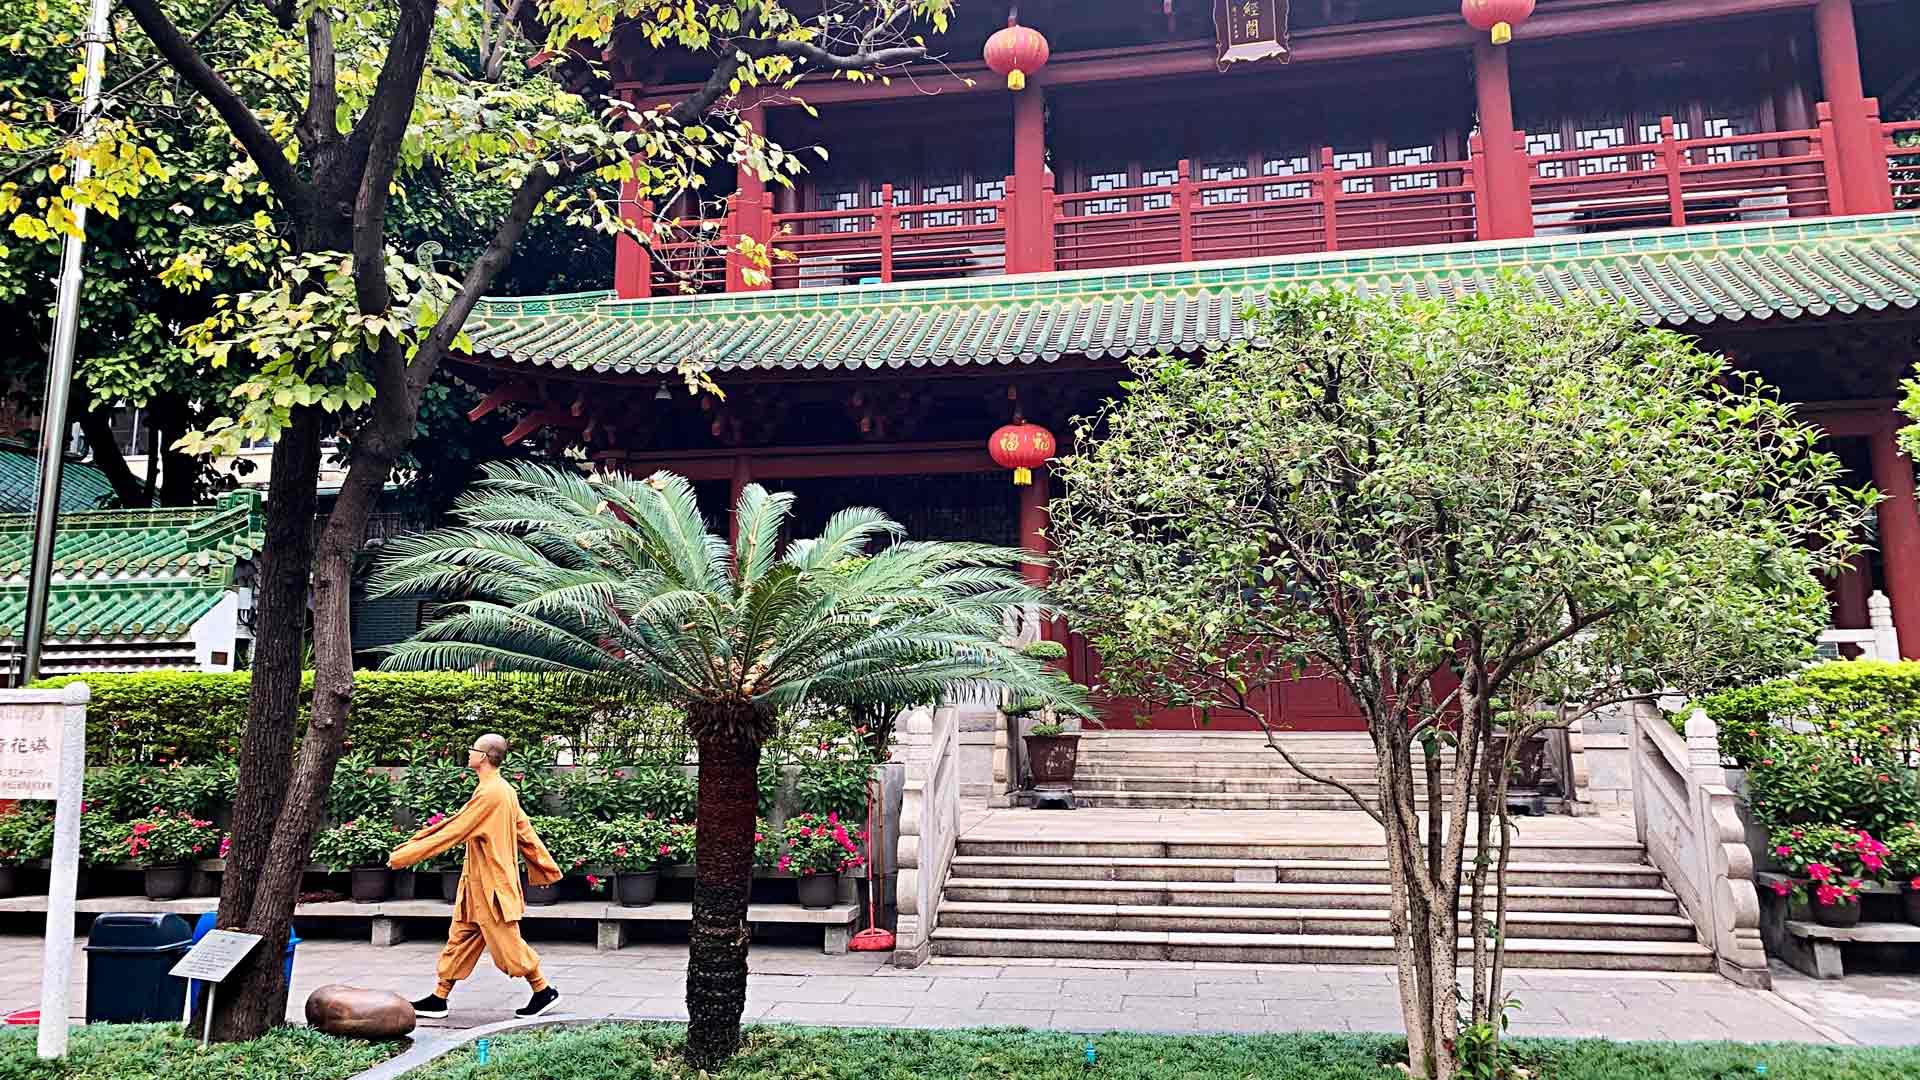 Liu Rongin temppelin vehreällä alueella voi seurata oranssipukuisia buddhalaismunkkeja.